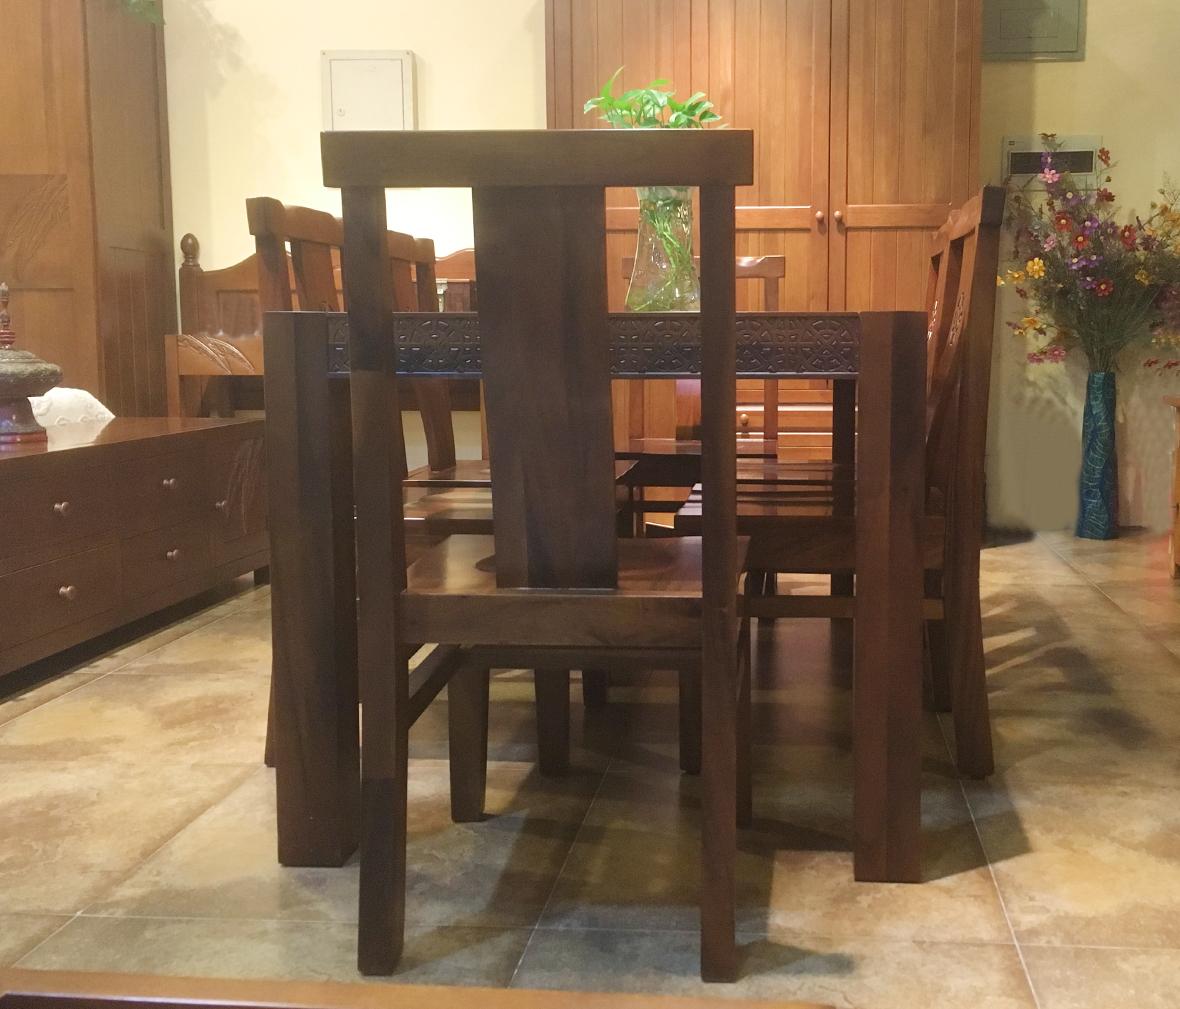 森林之源 df型号 现代中式风格楸木餐椅 实木家具